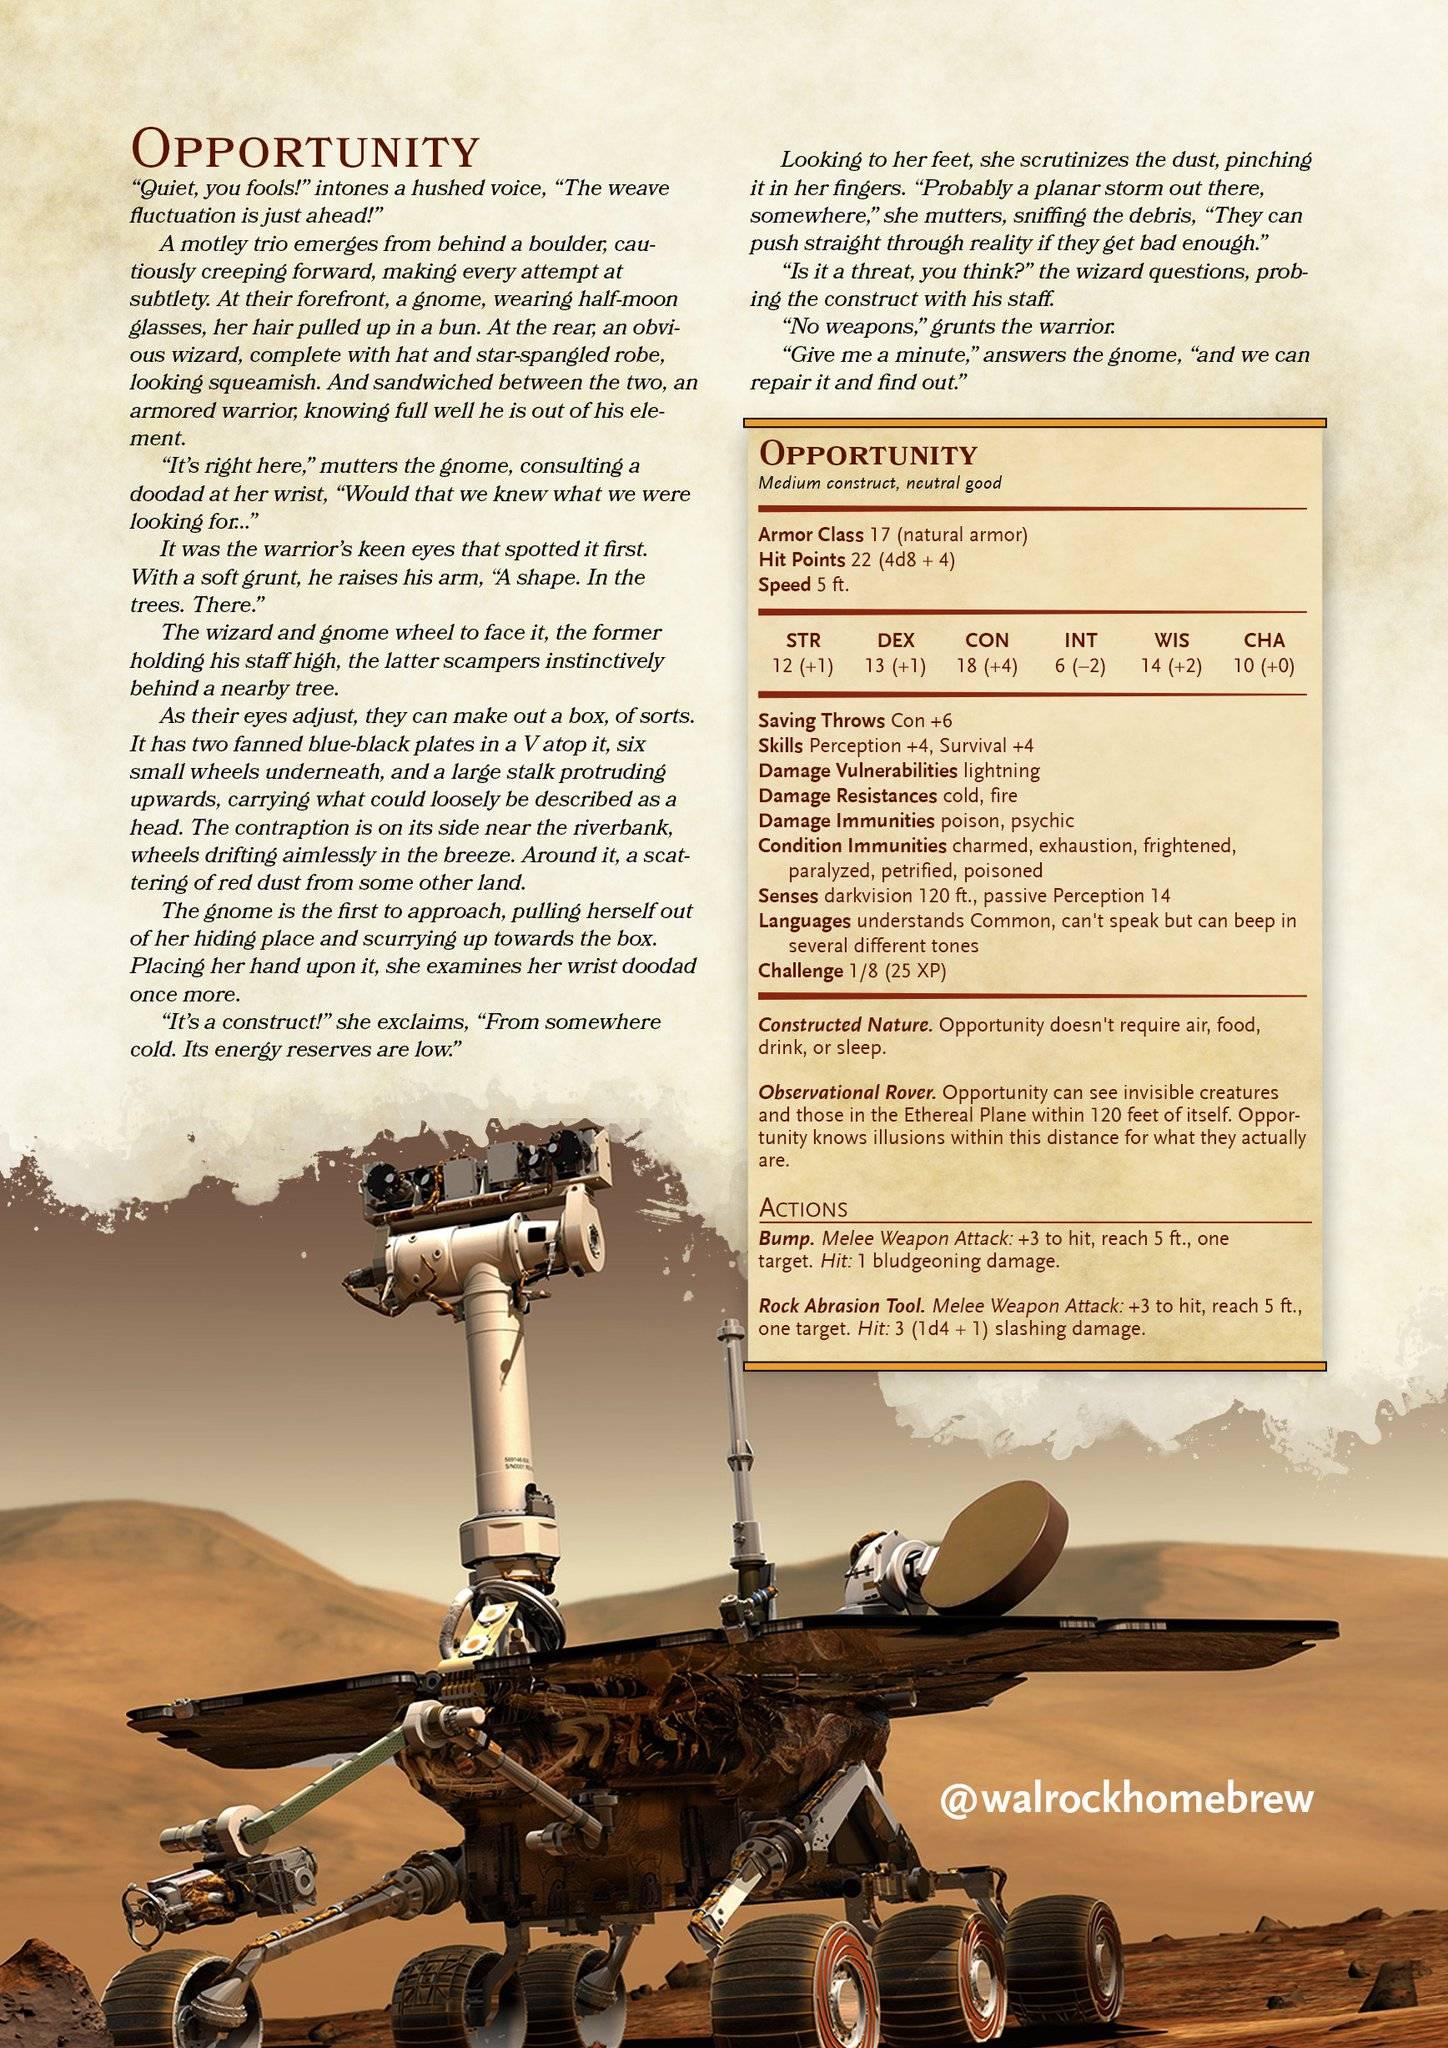 Марсход «Оппортьюнити» воссоздали в Dungeons & Dragons